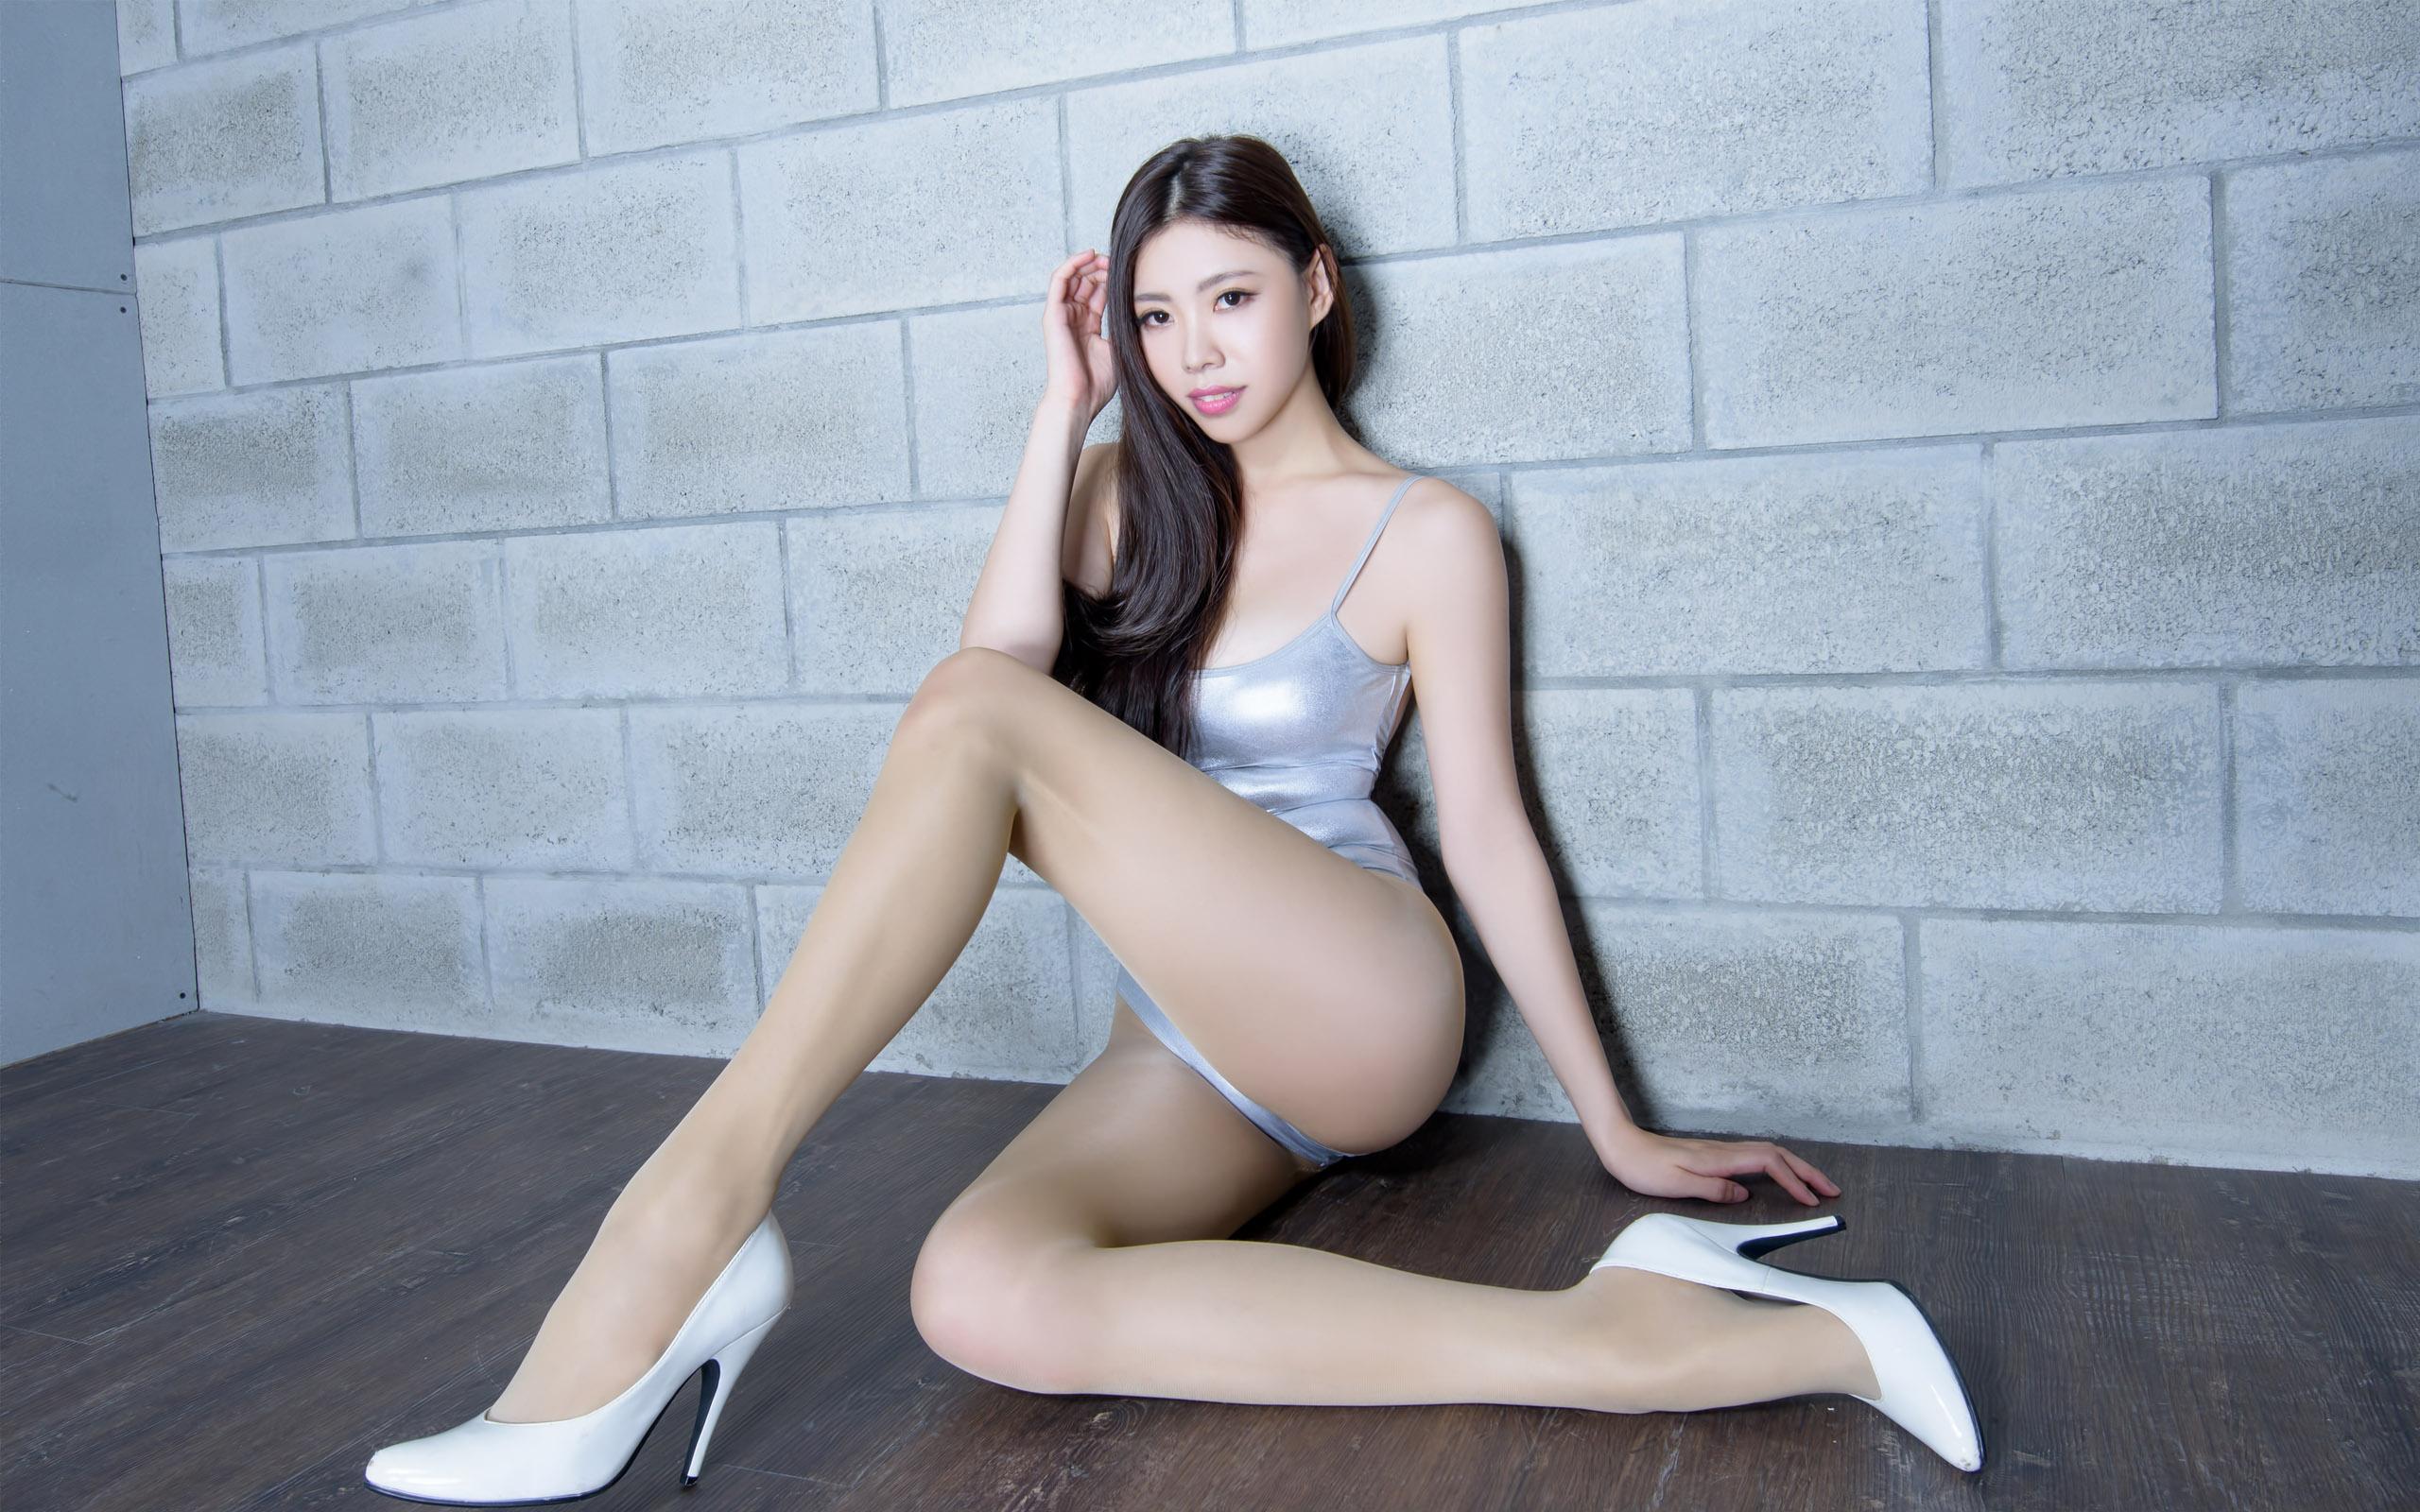 漂亮衣模美腿秀92 - 花開有聲 - 花開有聲